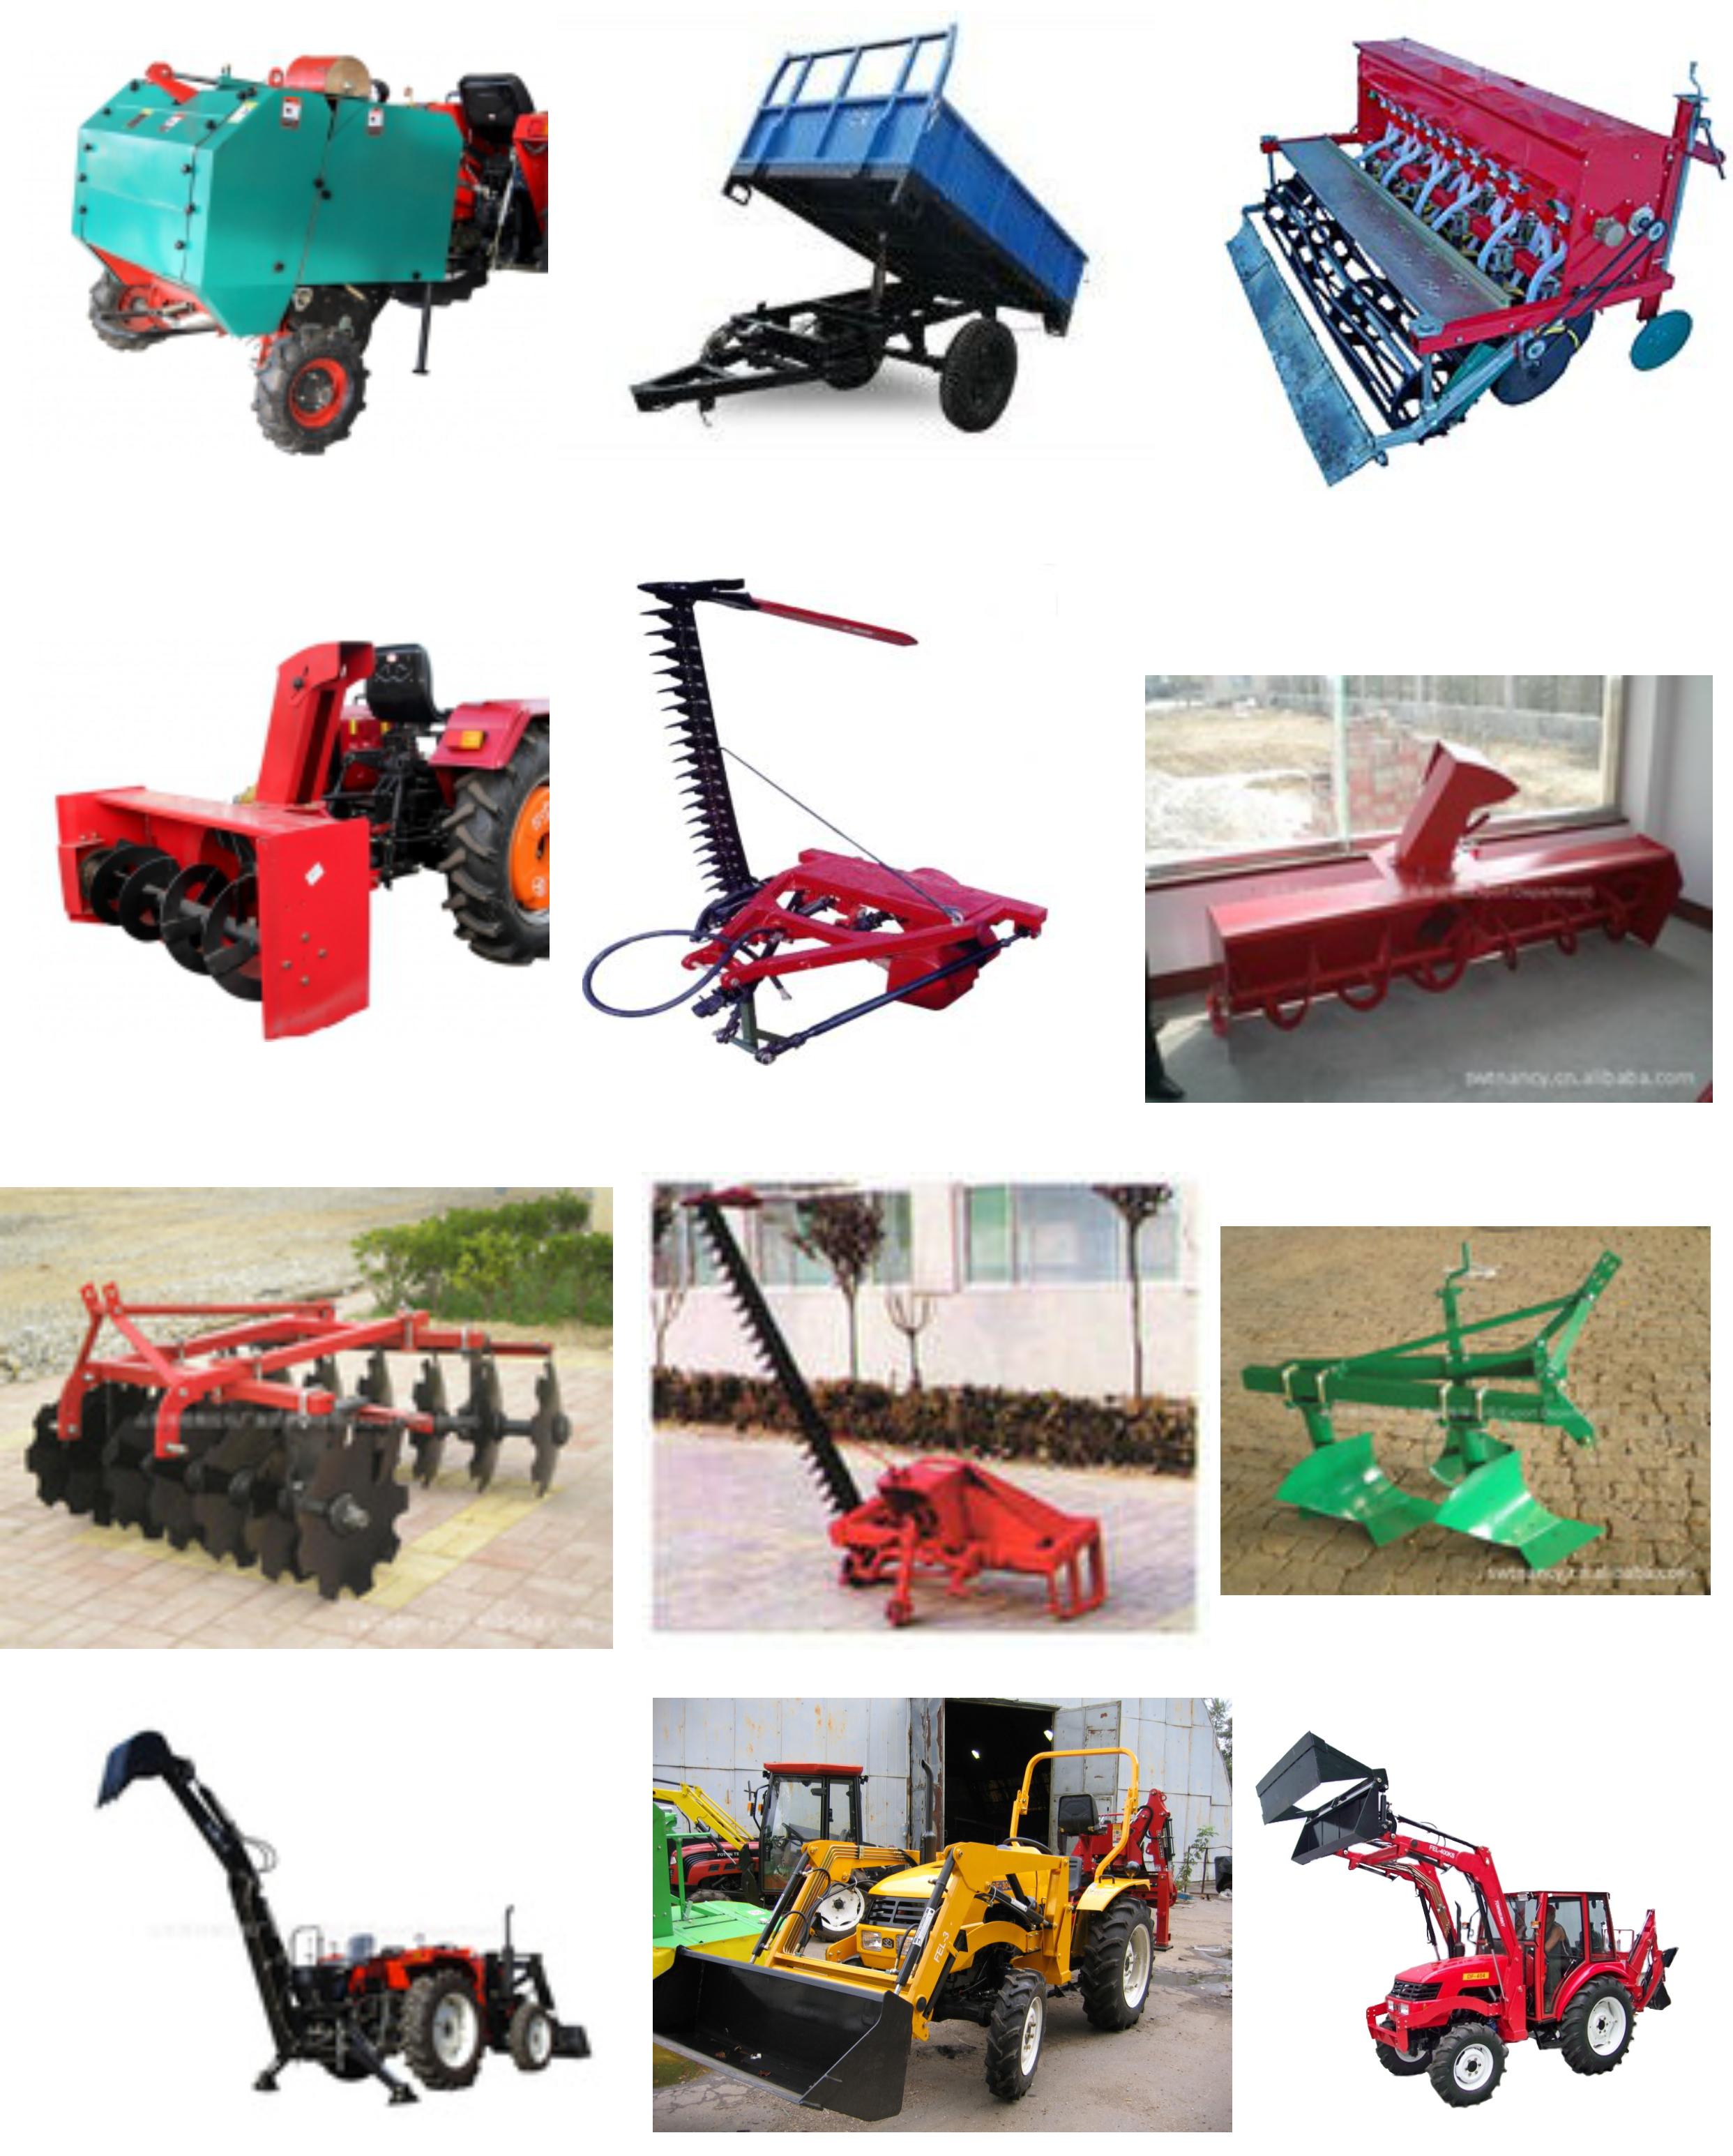 Как сделать навеску на трактор своими руками?